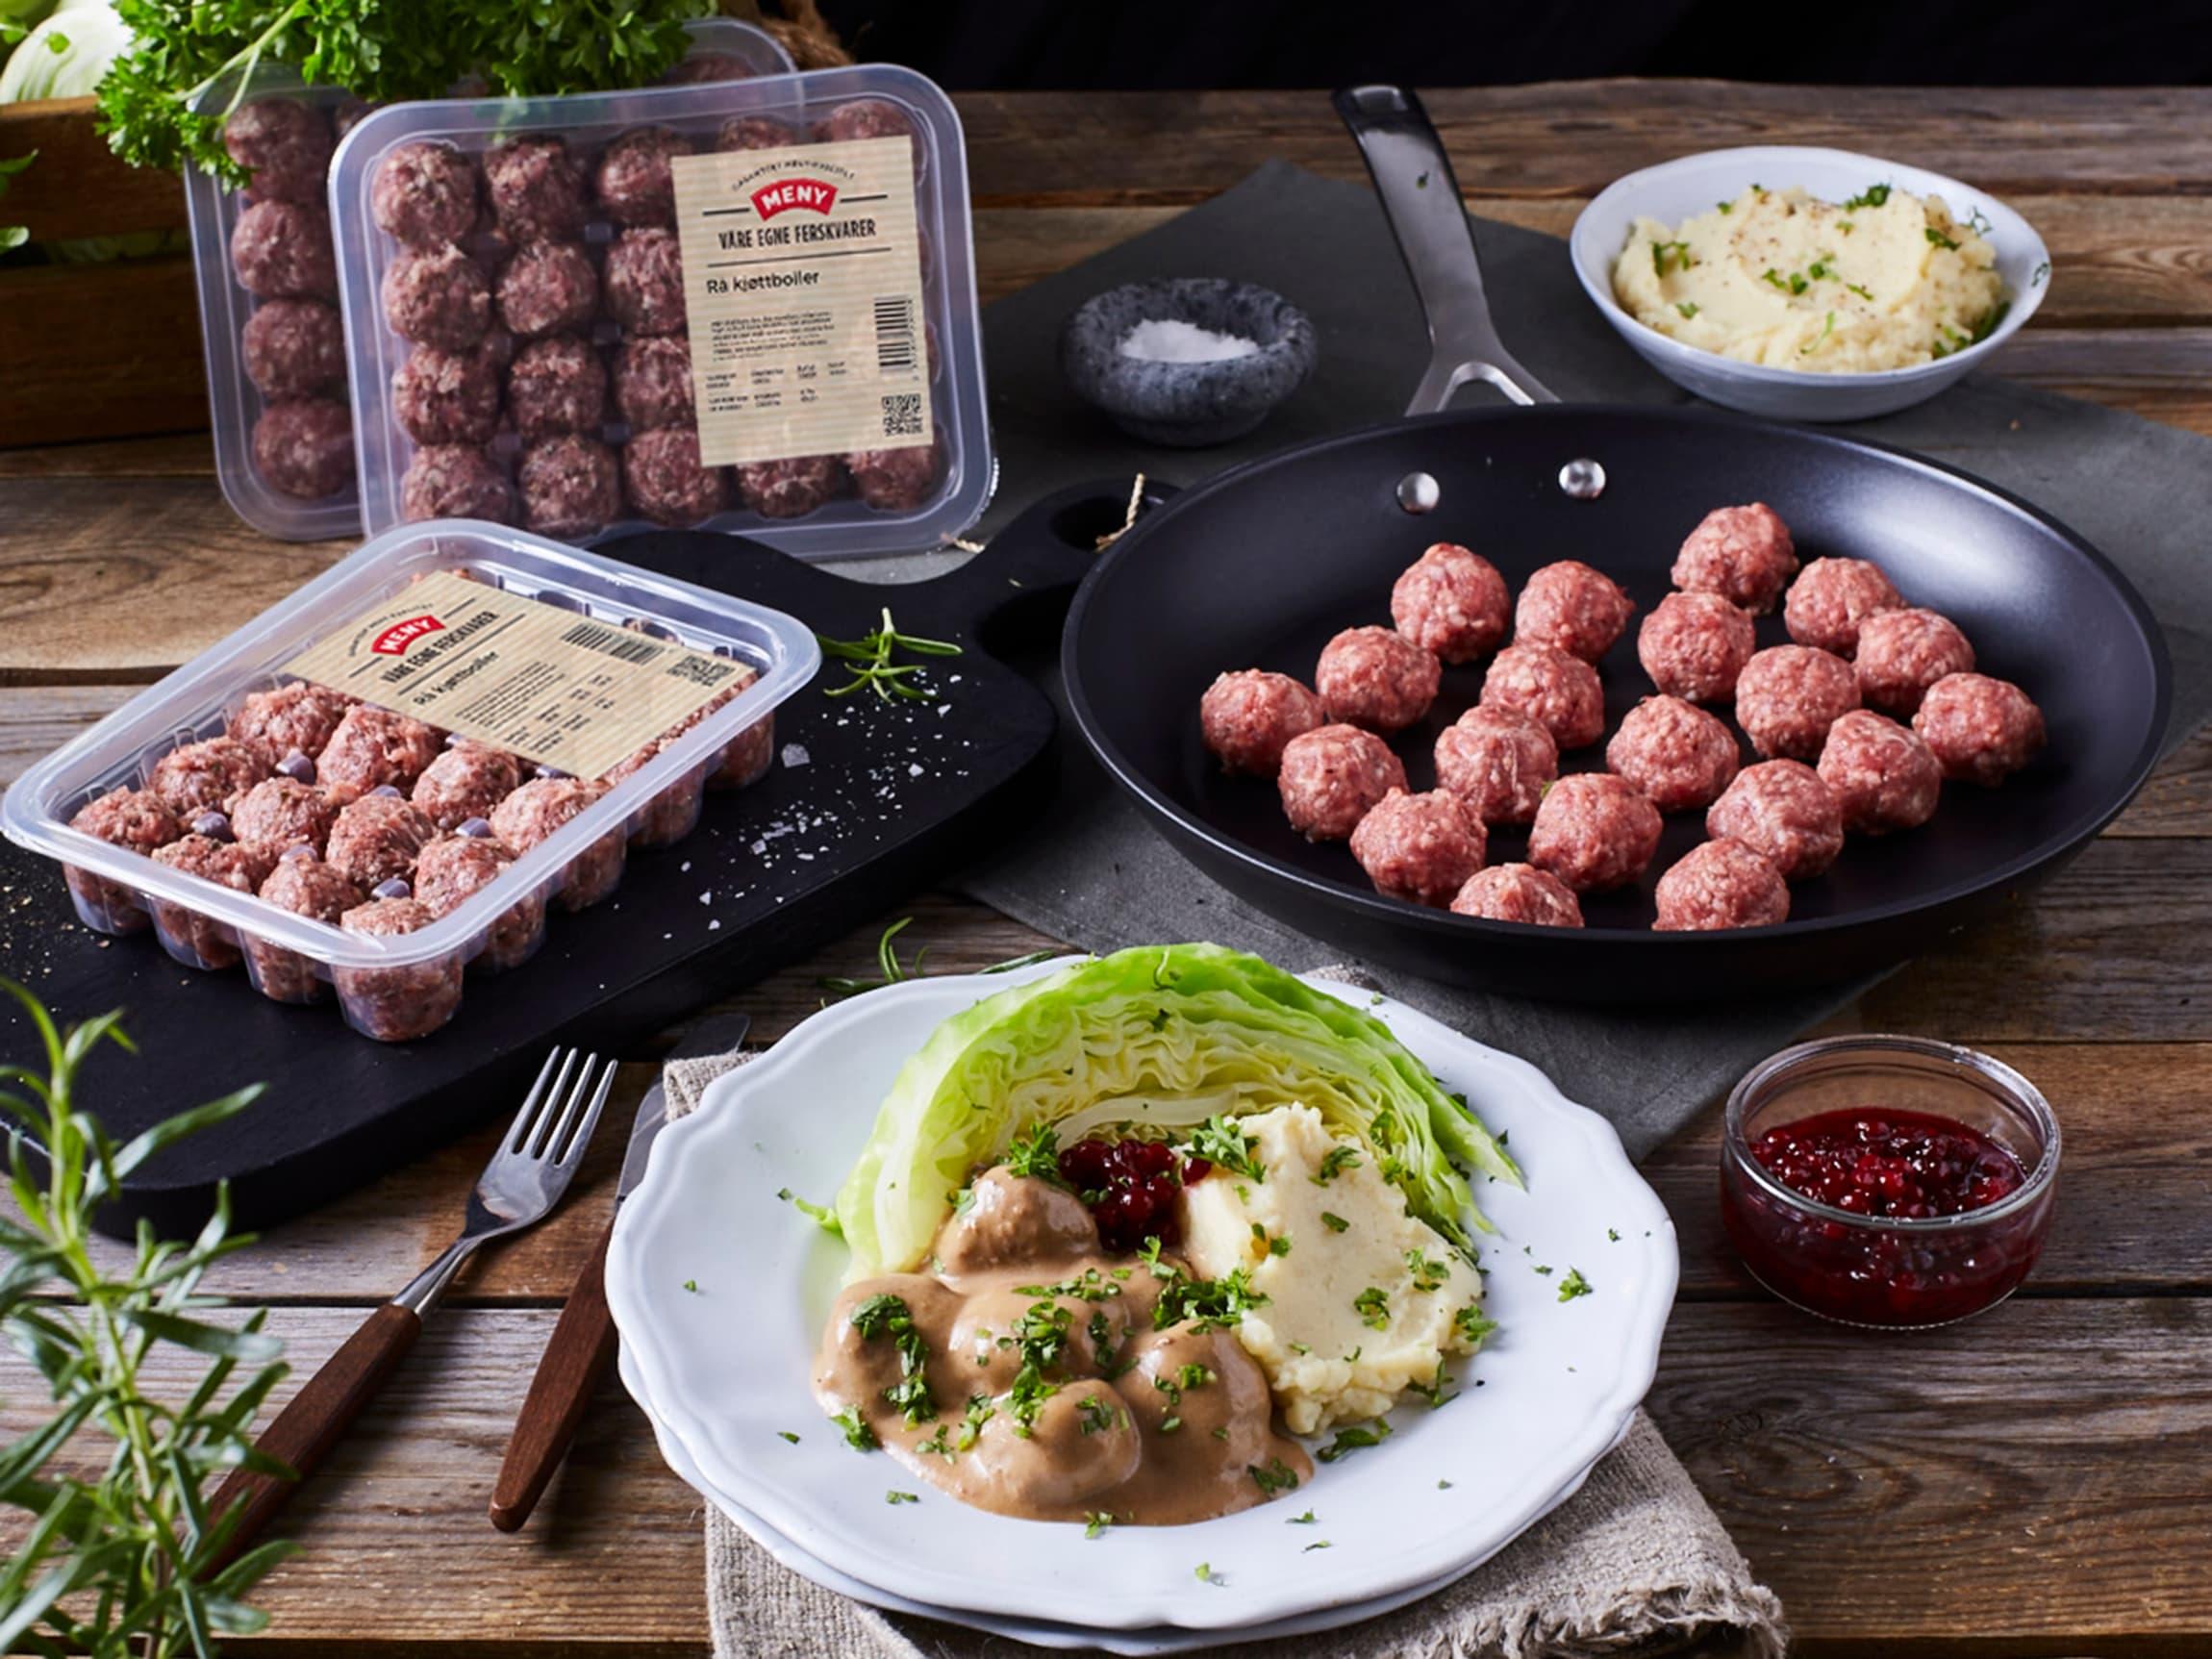 Våre egne ferdige kjøttboller kan varieres i det uendelige, fra den tradisjonelle middagen kjøttboller med fløtesaus og potetmos, til wok med kjøttboller, grønnsaker og nudler.